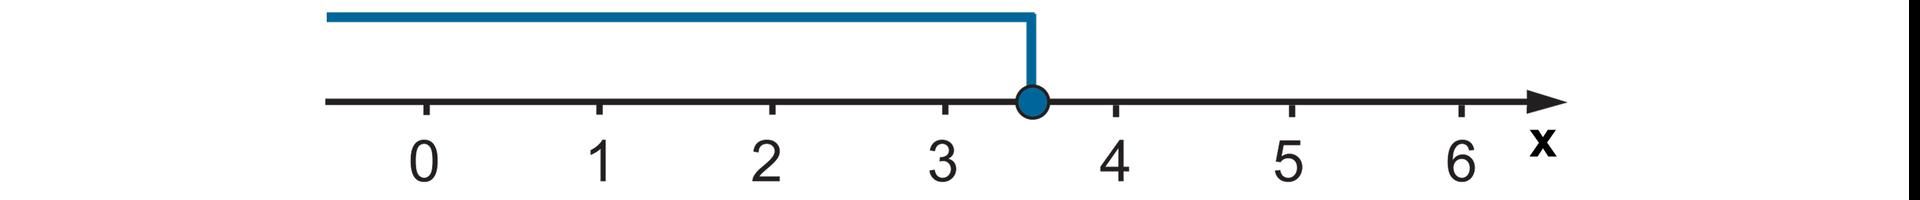 Rysunek osi liczbowej zzaznaczonymi punktami od 0 do 6. Zamalowane kółko wpunkcie trzy ijedna druga. Zaznaczone wszystkie liczby wlewo od trzy ijedna druga.